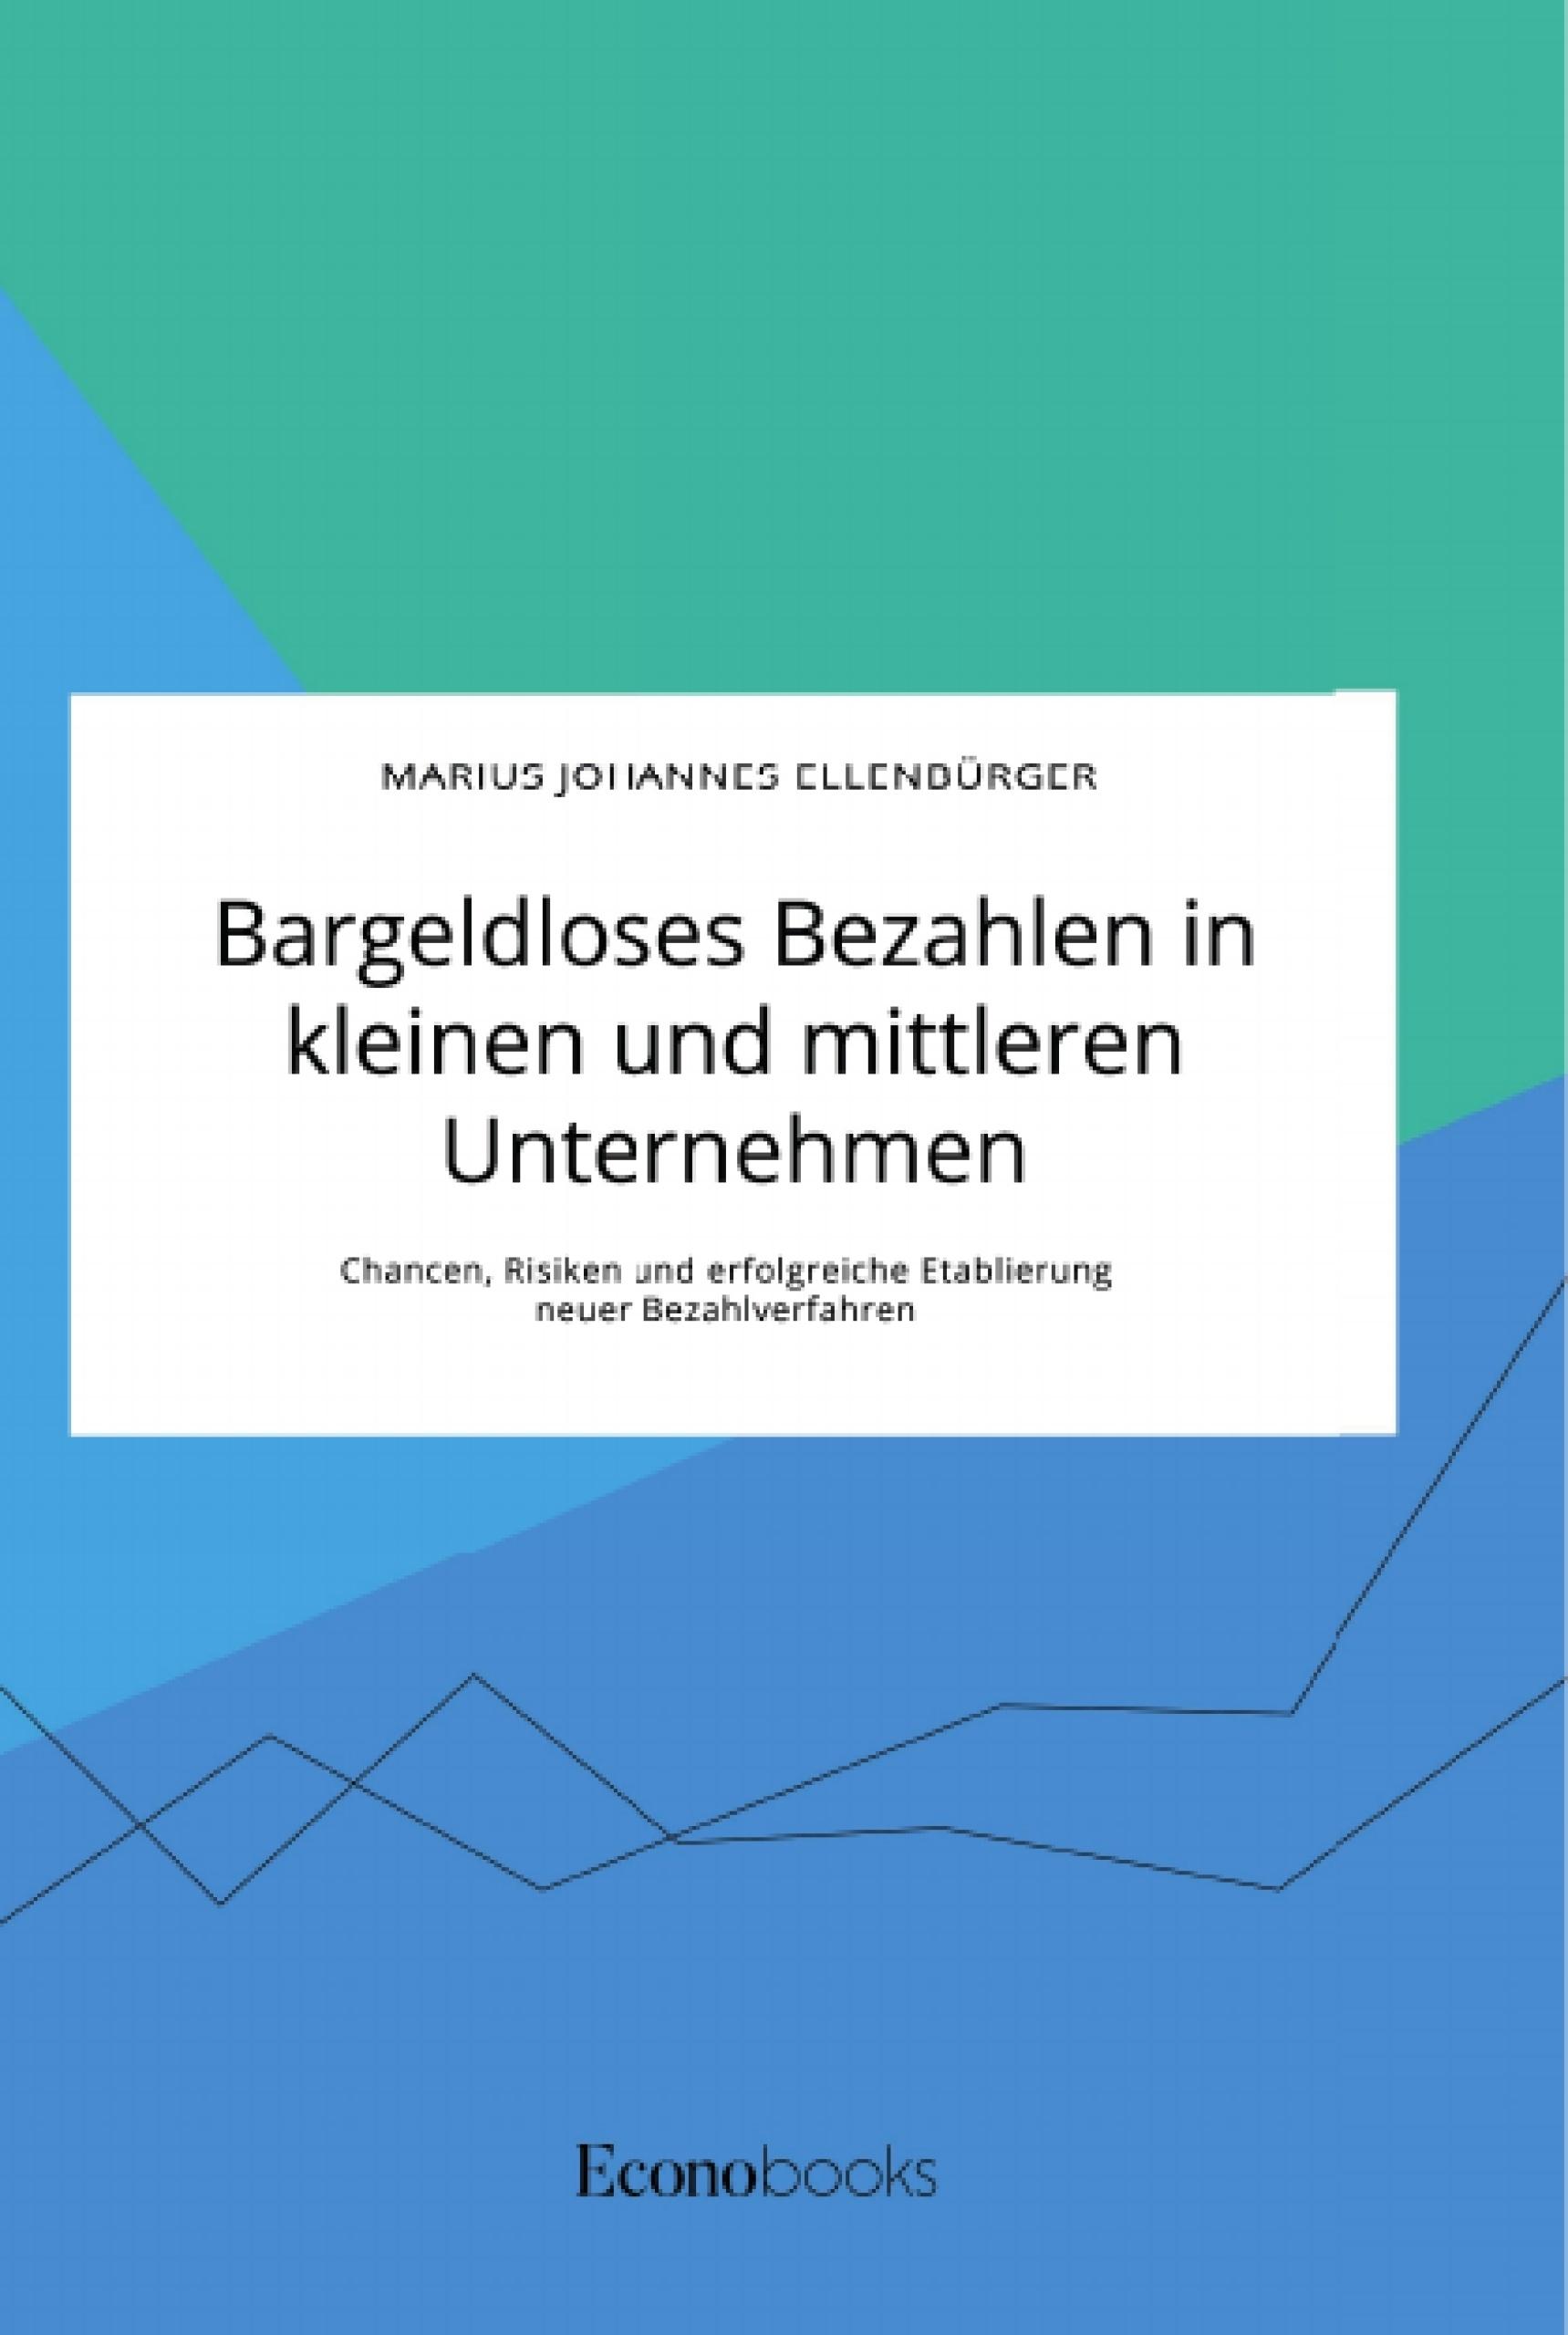 Titel: Bargeldloses Bezahlen in kleinen und mittleren Unternehmen. Chancen, Risiken und erfolgreiche Etablierung neuer Bezahlverfahren